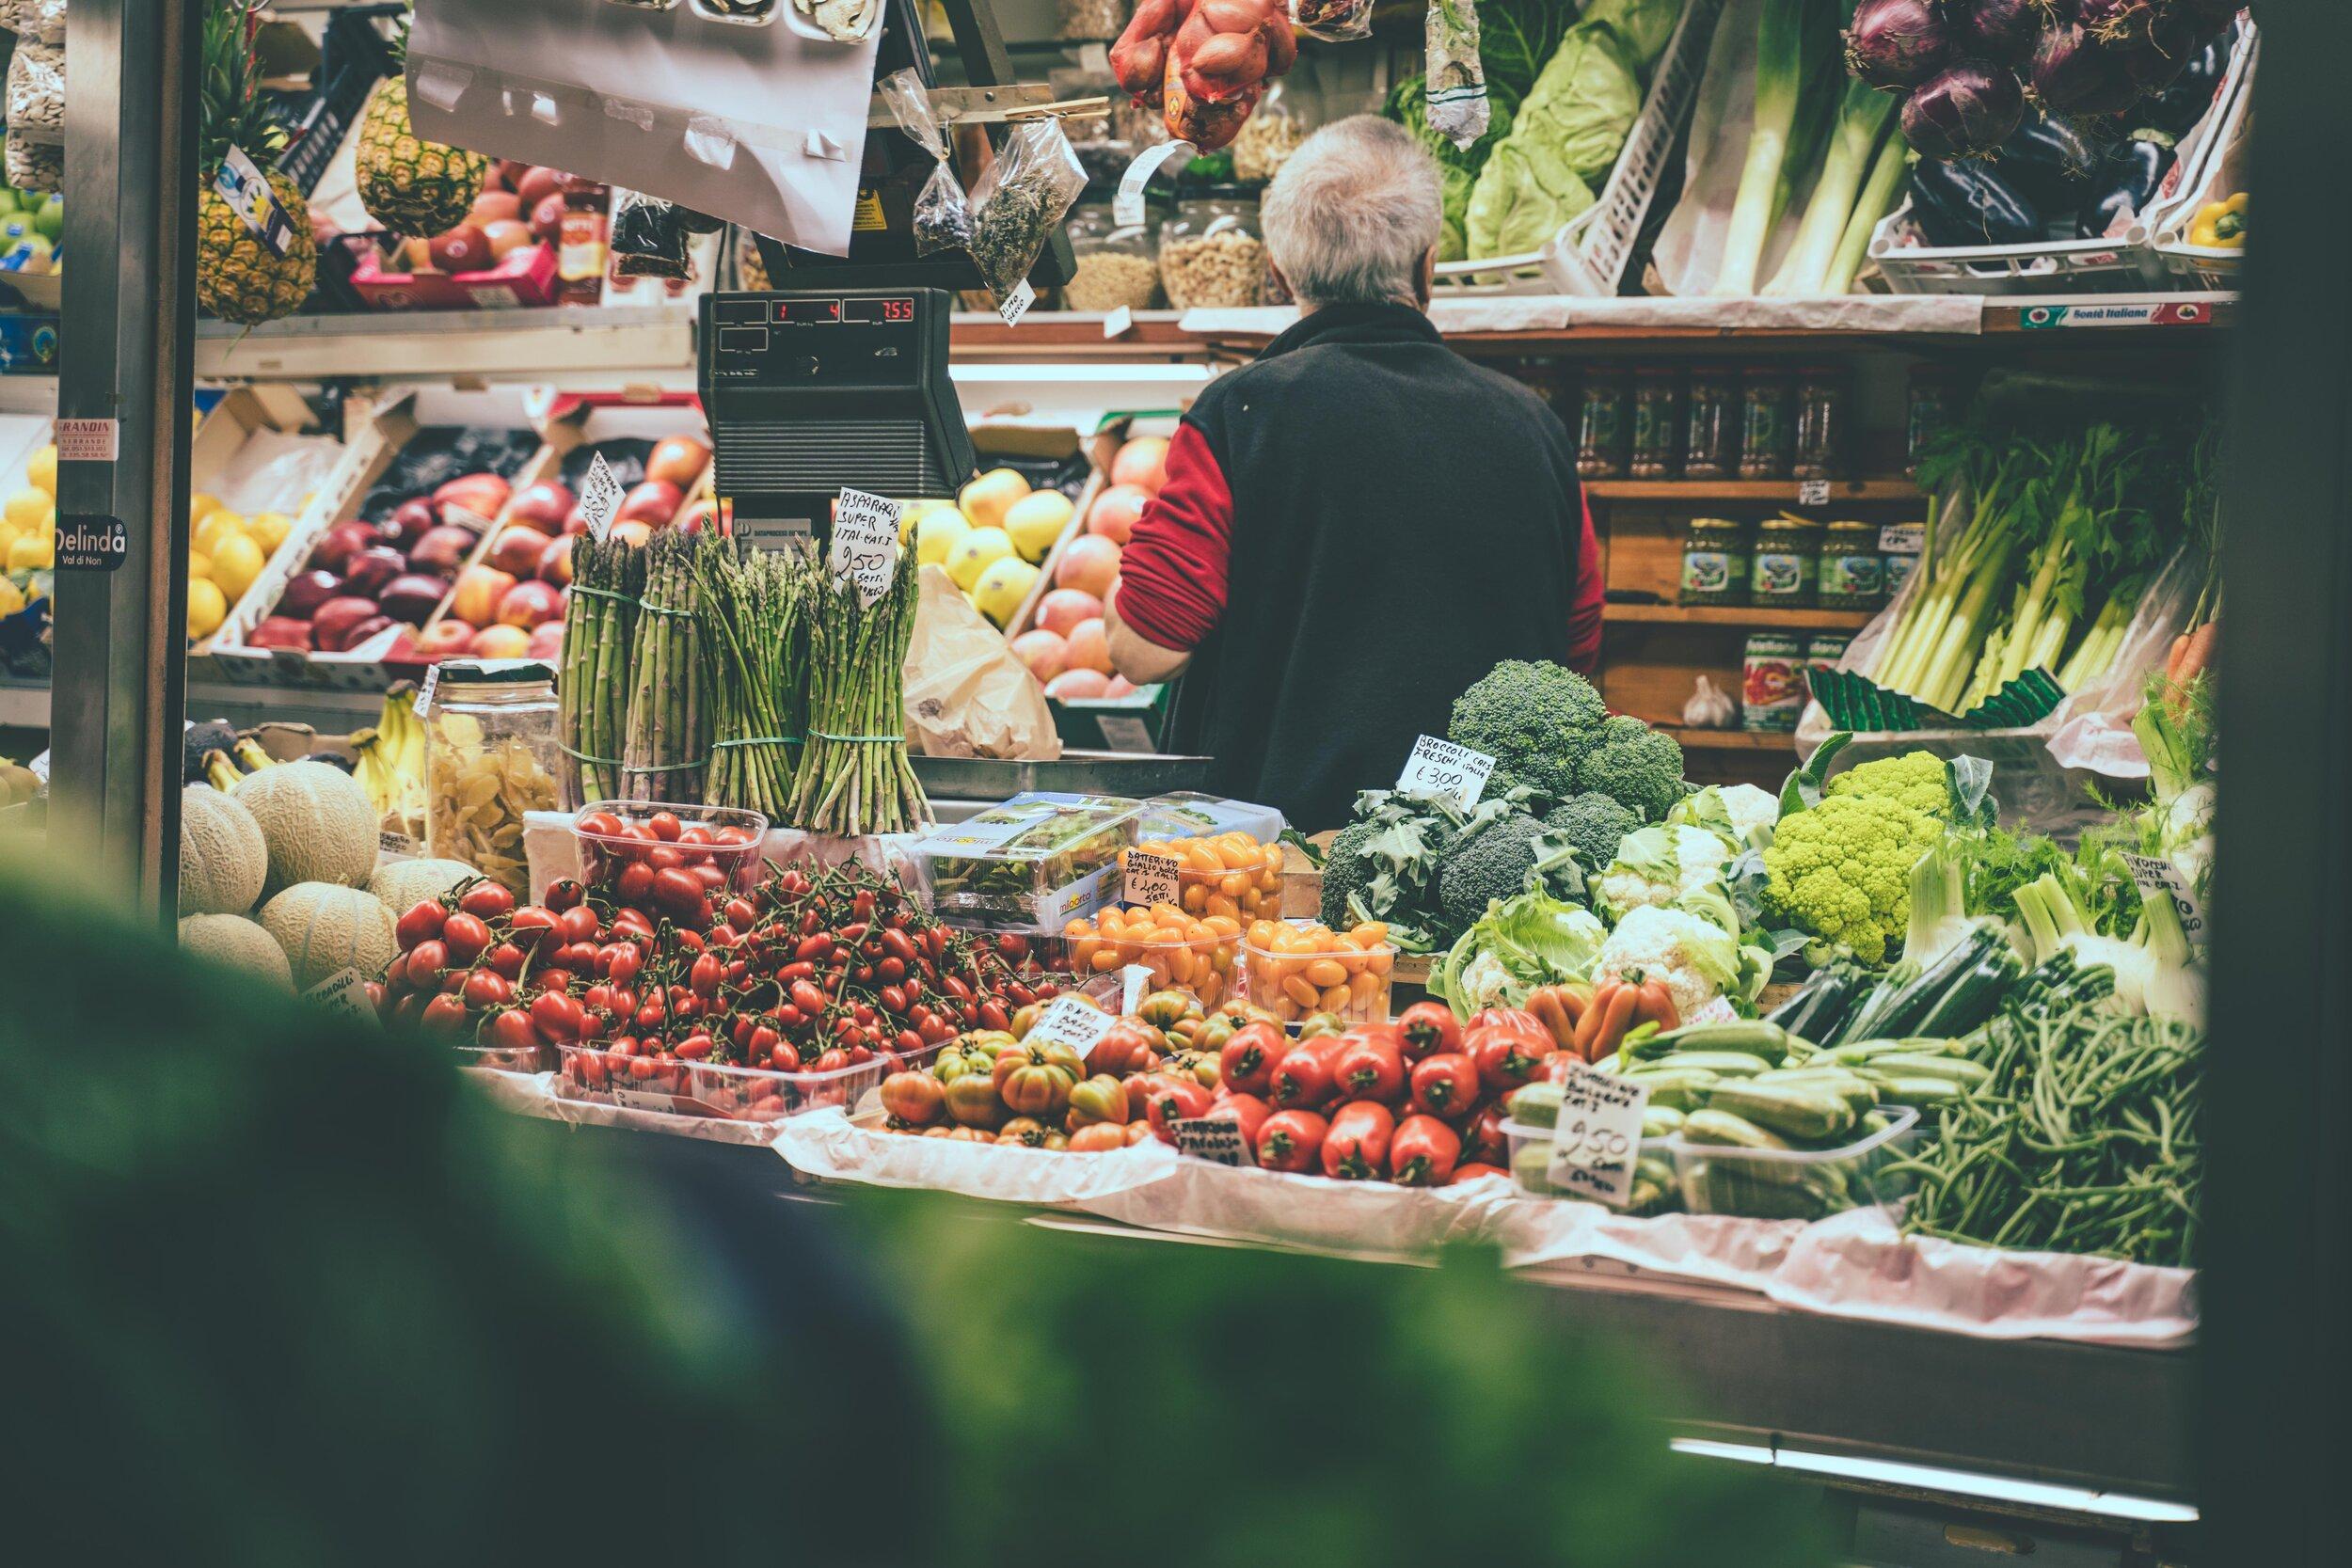 fresh veg in market.jpg